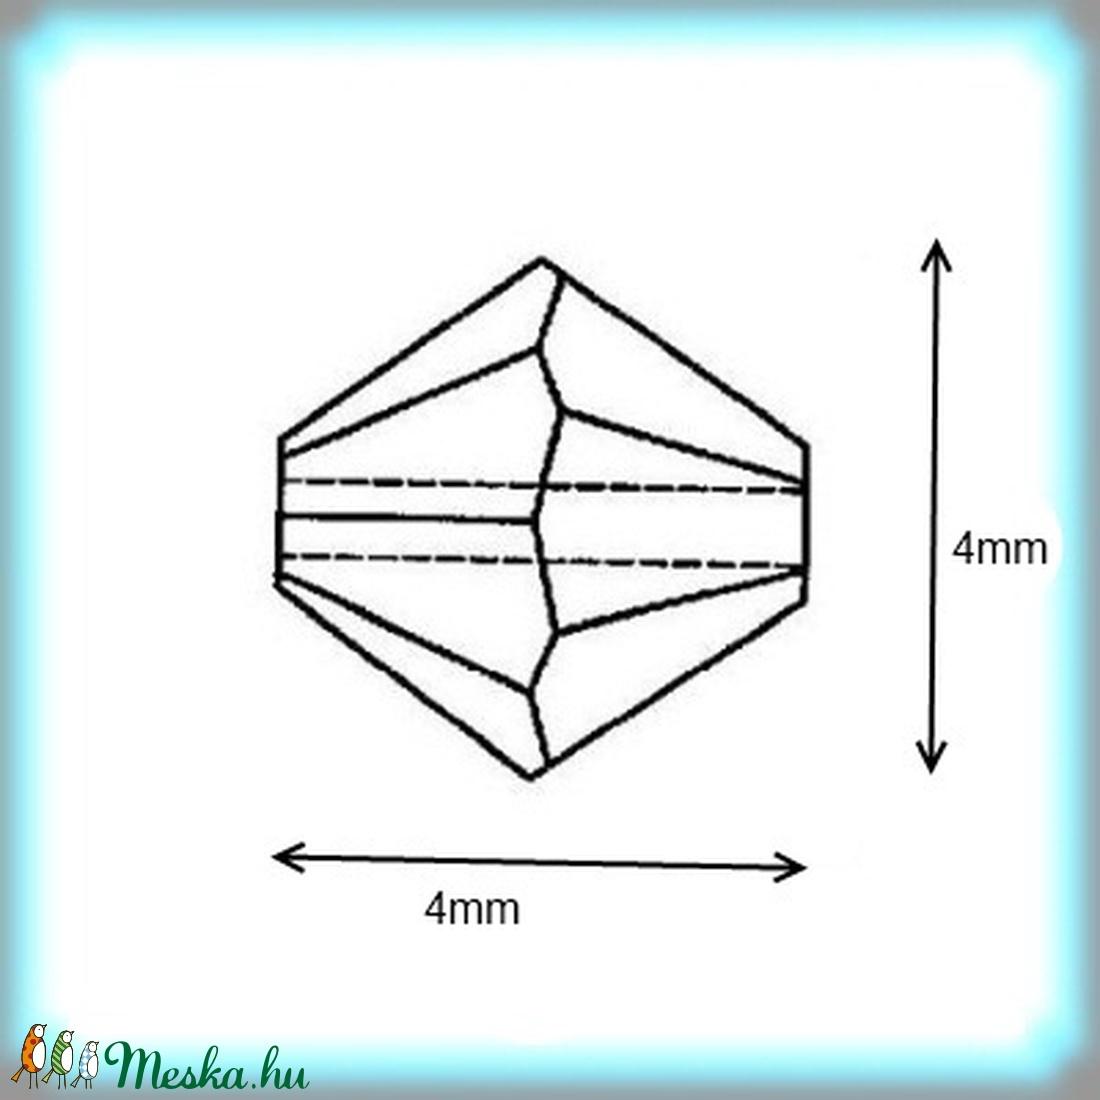 Ékszerkellék: Swarovski bicon 4mm-es AB2x bevonatos több színben SW5328-4ab2x 24db/csomag  - gyöngy, ékszerkellék - swarovski kristályok - Meska.hu